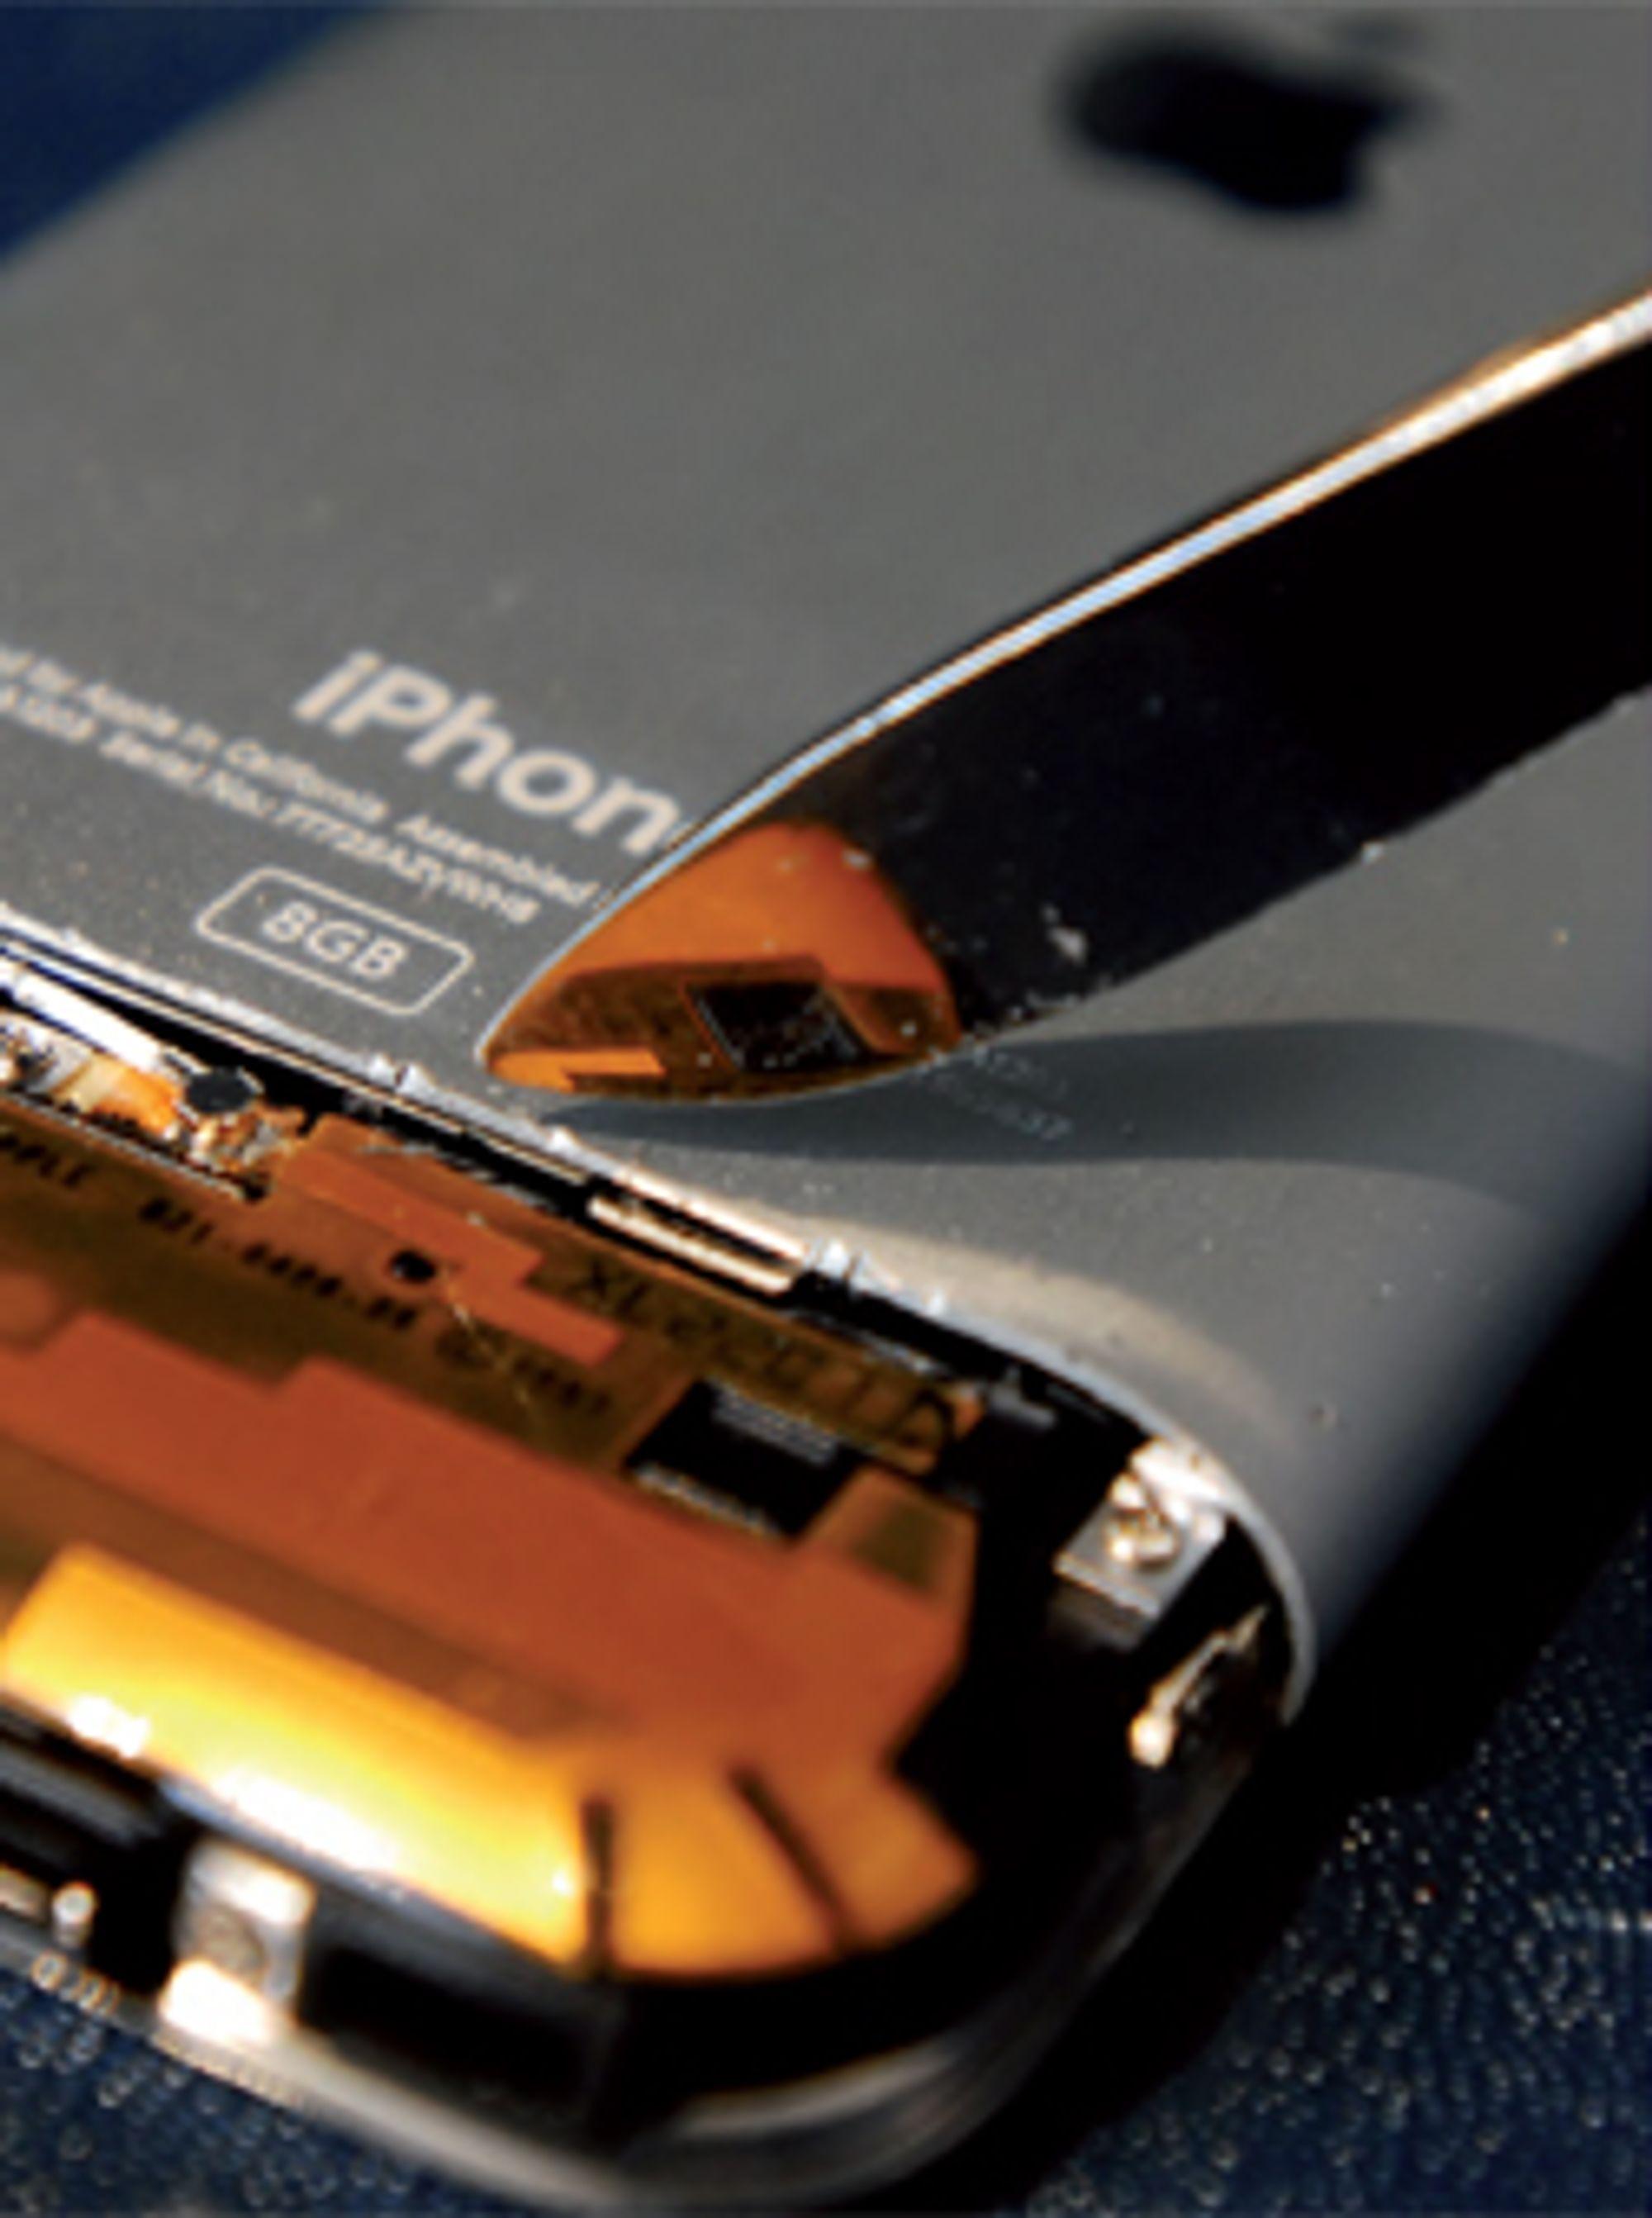 Både innsiden og utsiden av telefonen inneholder miljøgifter, hevder Greenpeace. (Foto: Greenpeace)